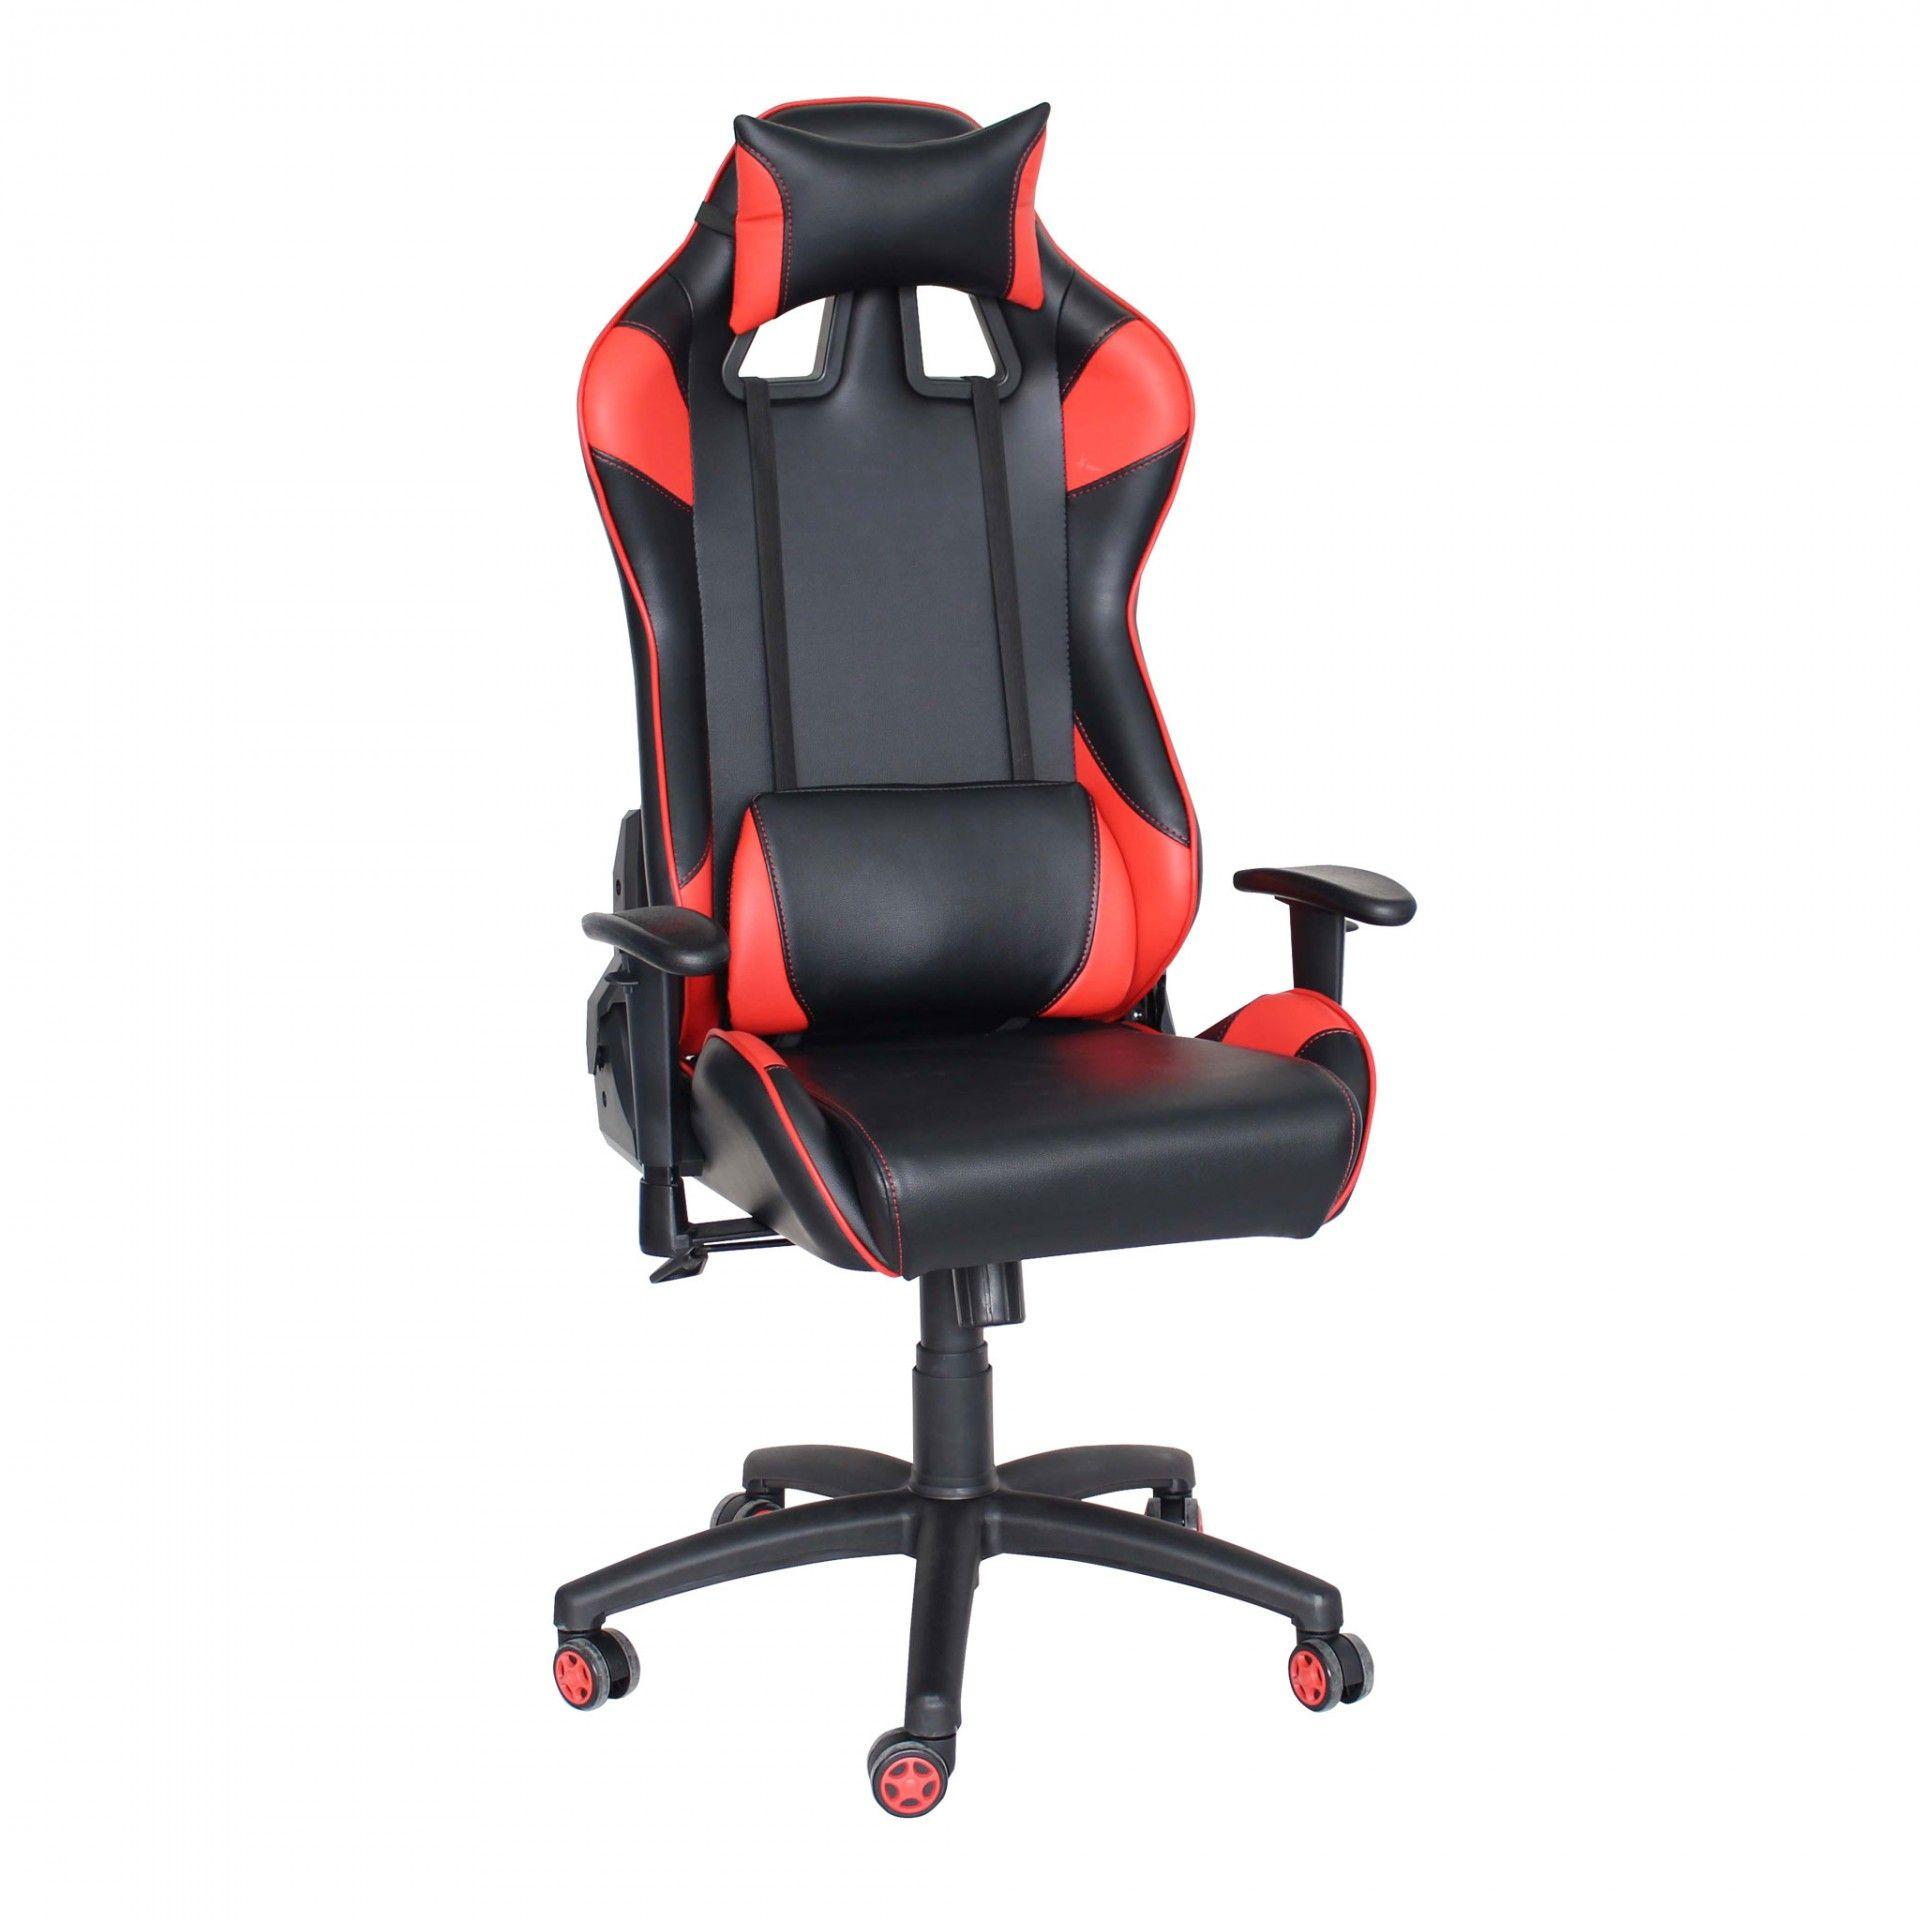 Melhor cadeira gamer